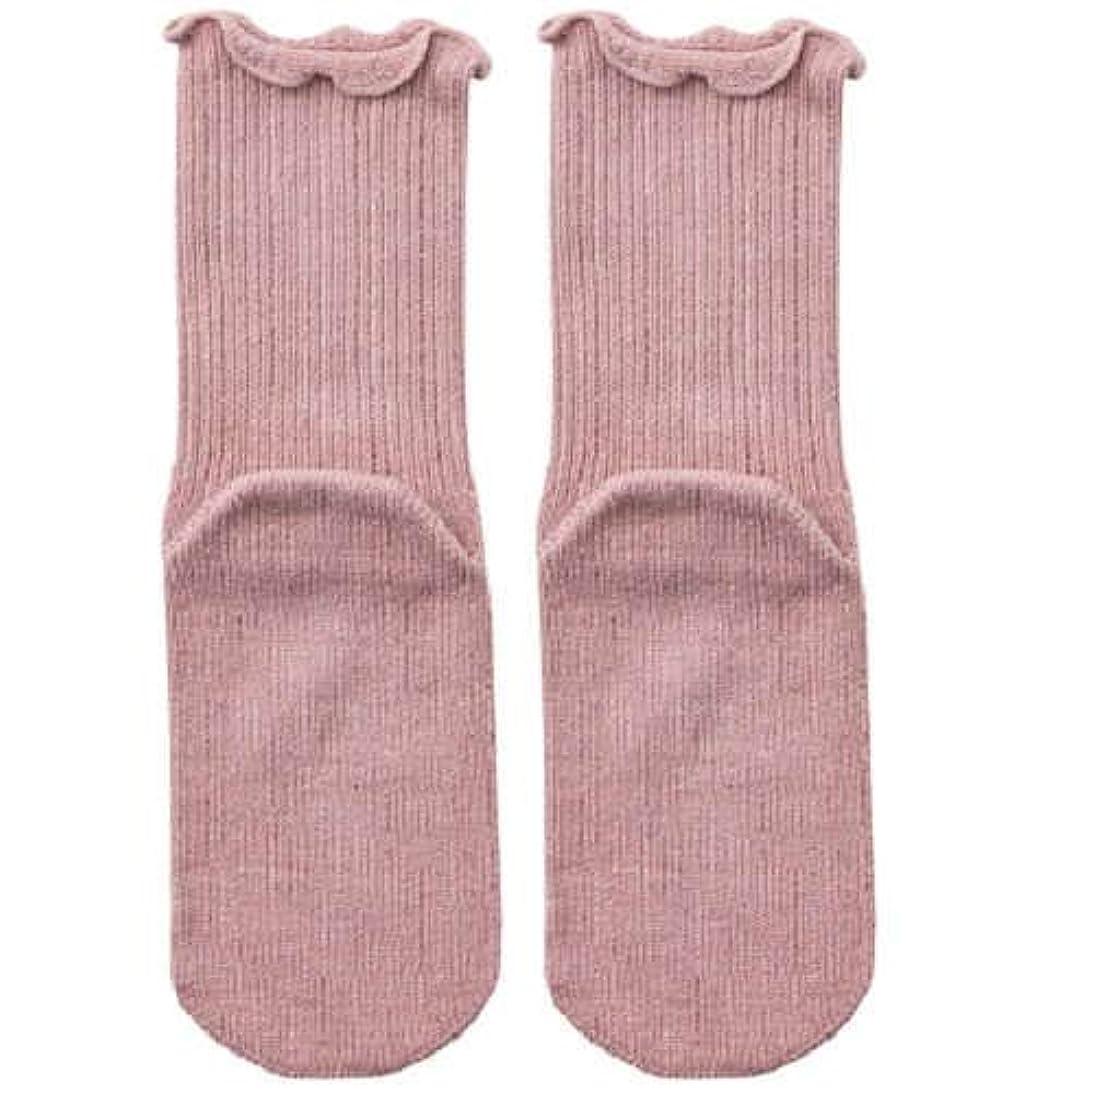 残酷即席ミトン【むくみ】【骨折】 男女兼用 極上しめつけません 特大サイズ 靴下 (ローズ)